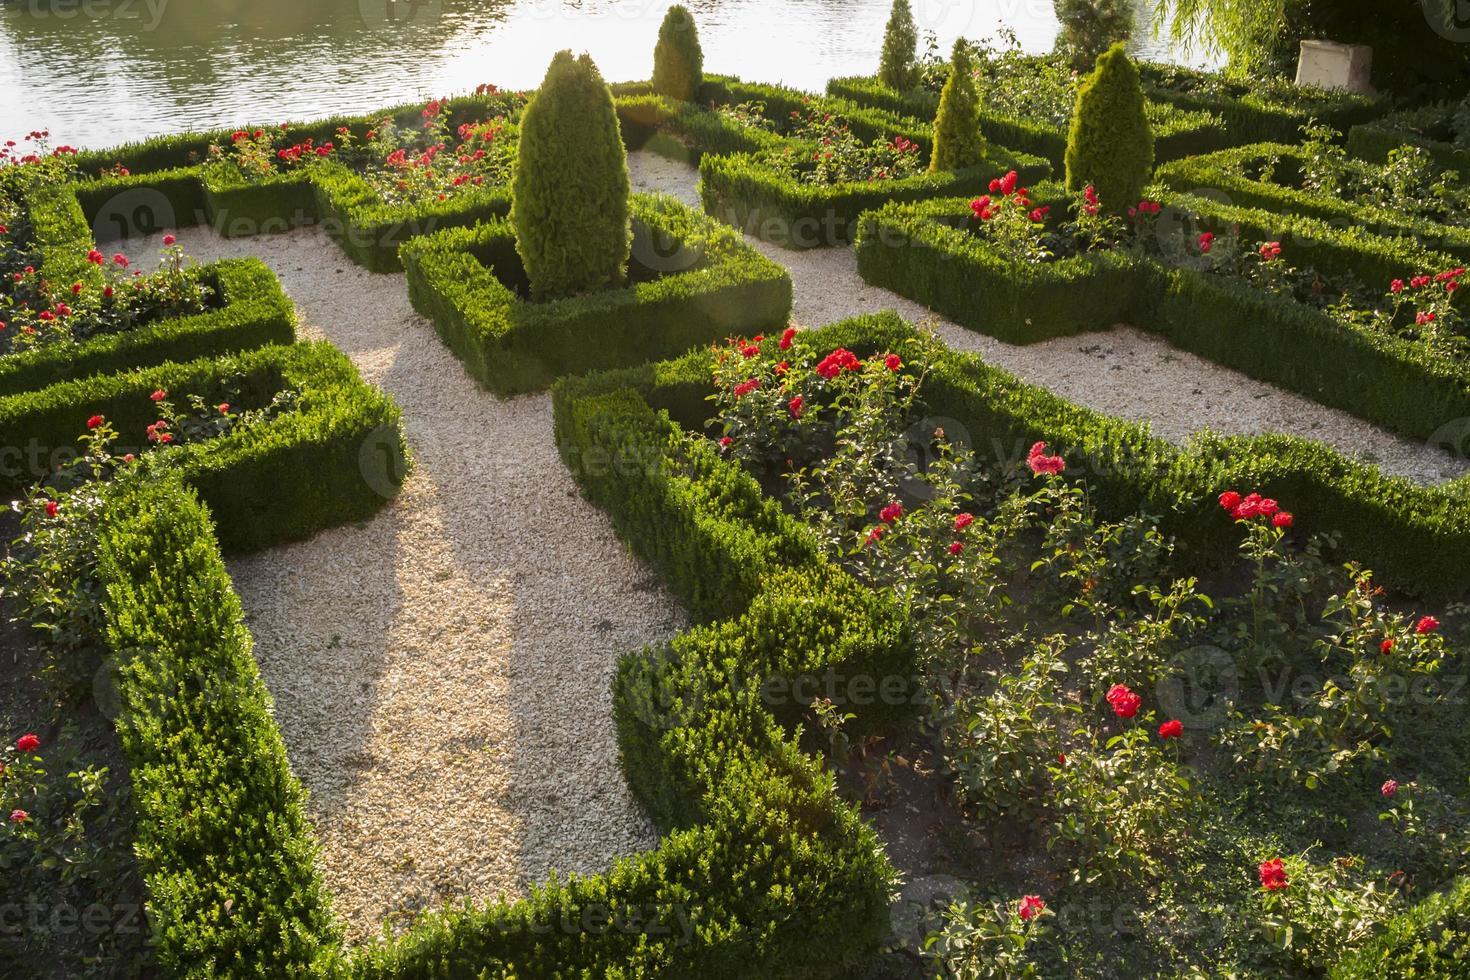 Lake garden photo